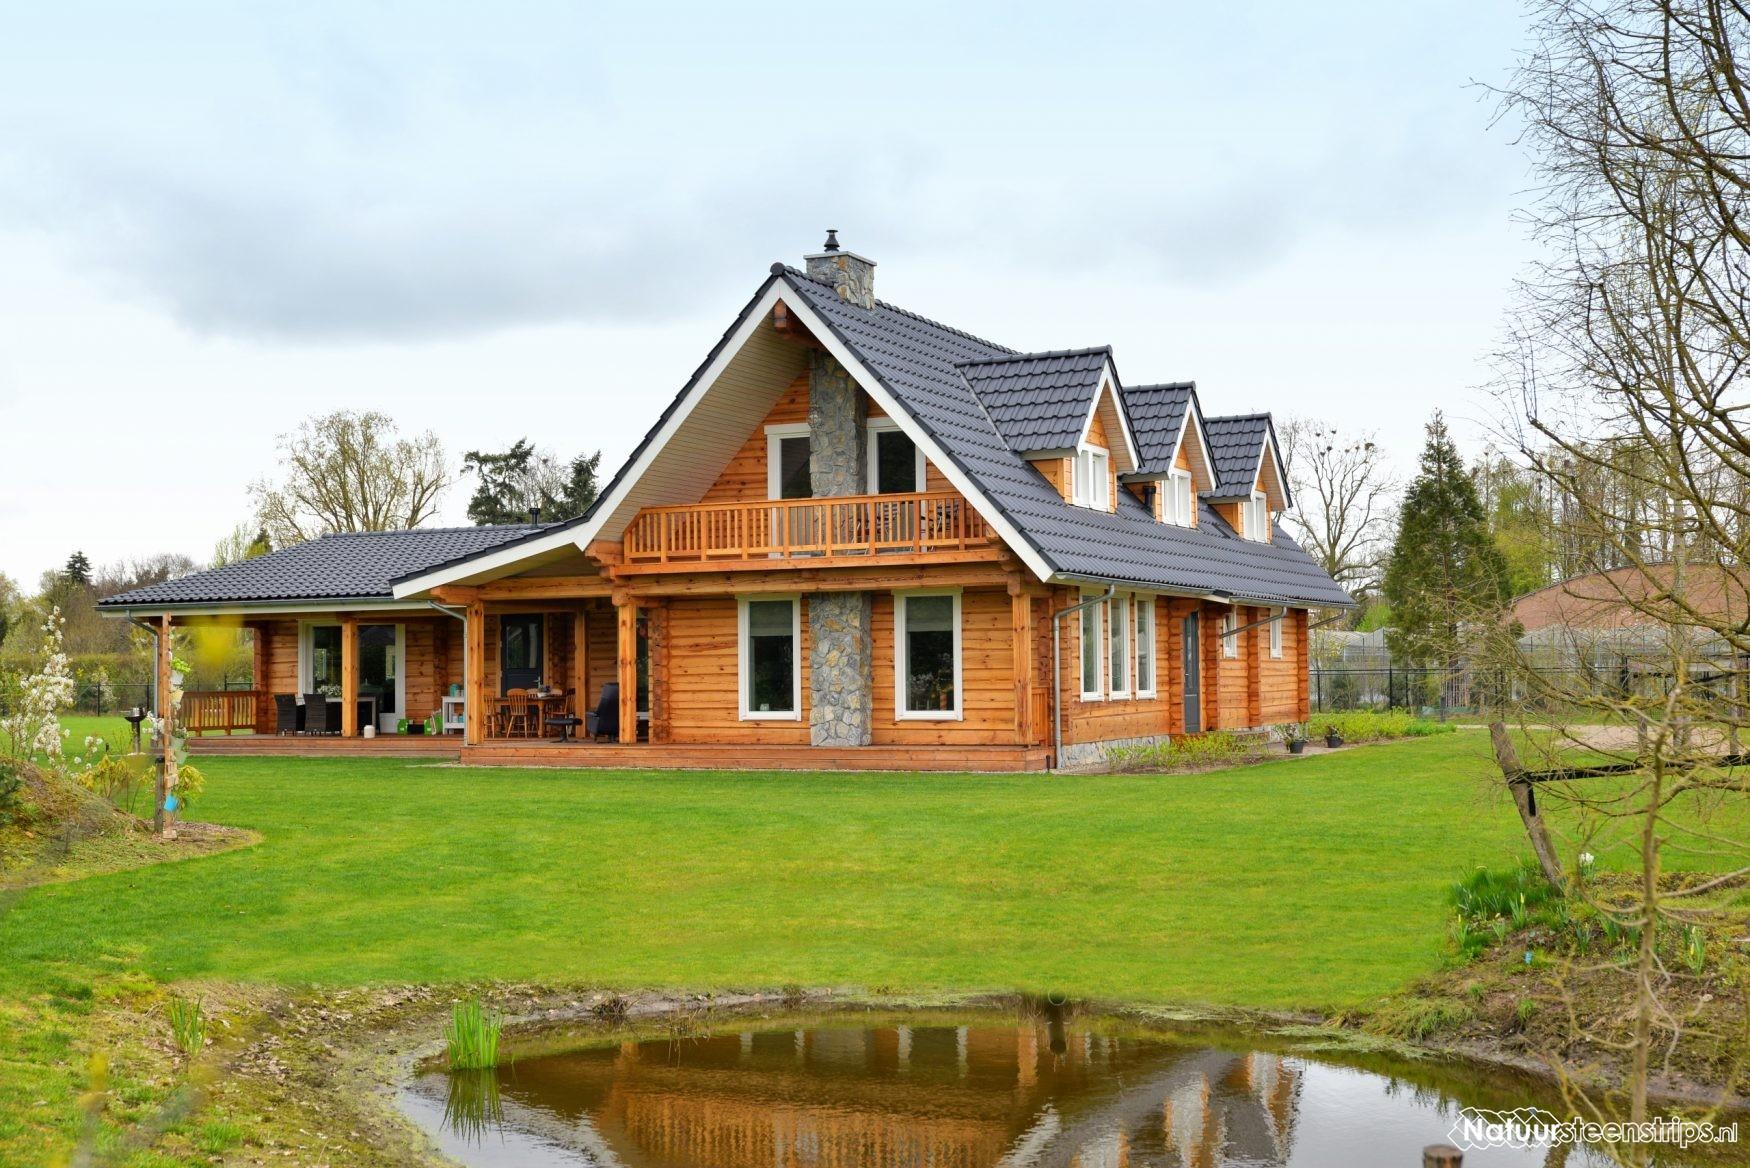 Hedendaags Steenstrips, Natuurstenen, houten woningen en loghomes - plint DX-81